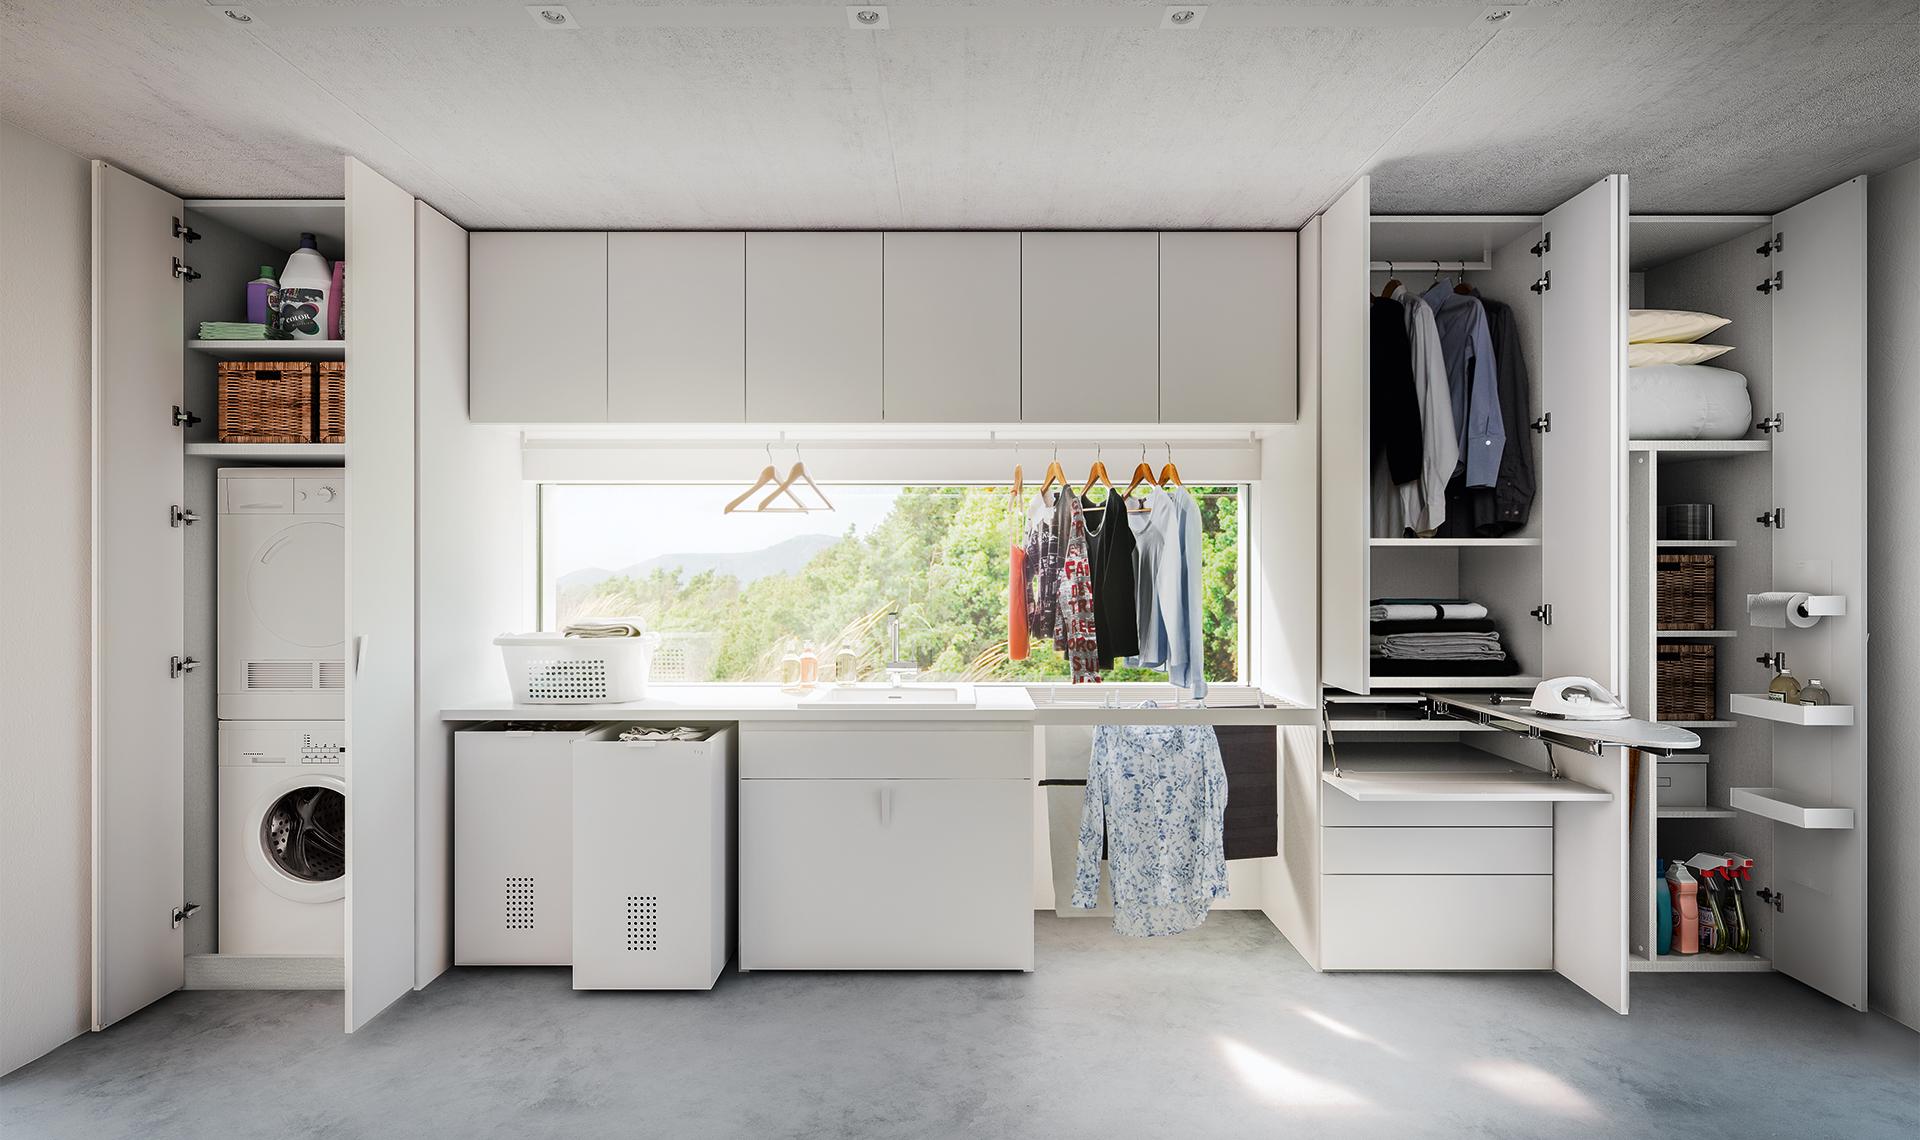 Armadio guardaroba e lavanderia proposte da domus arredi for Arredamento casa con la a